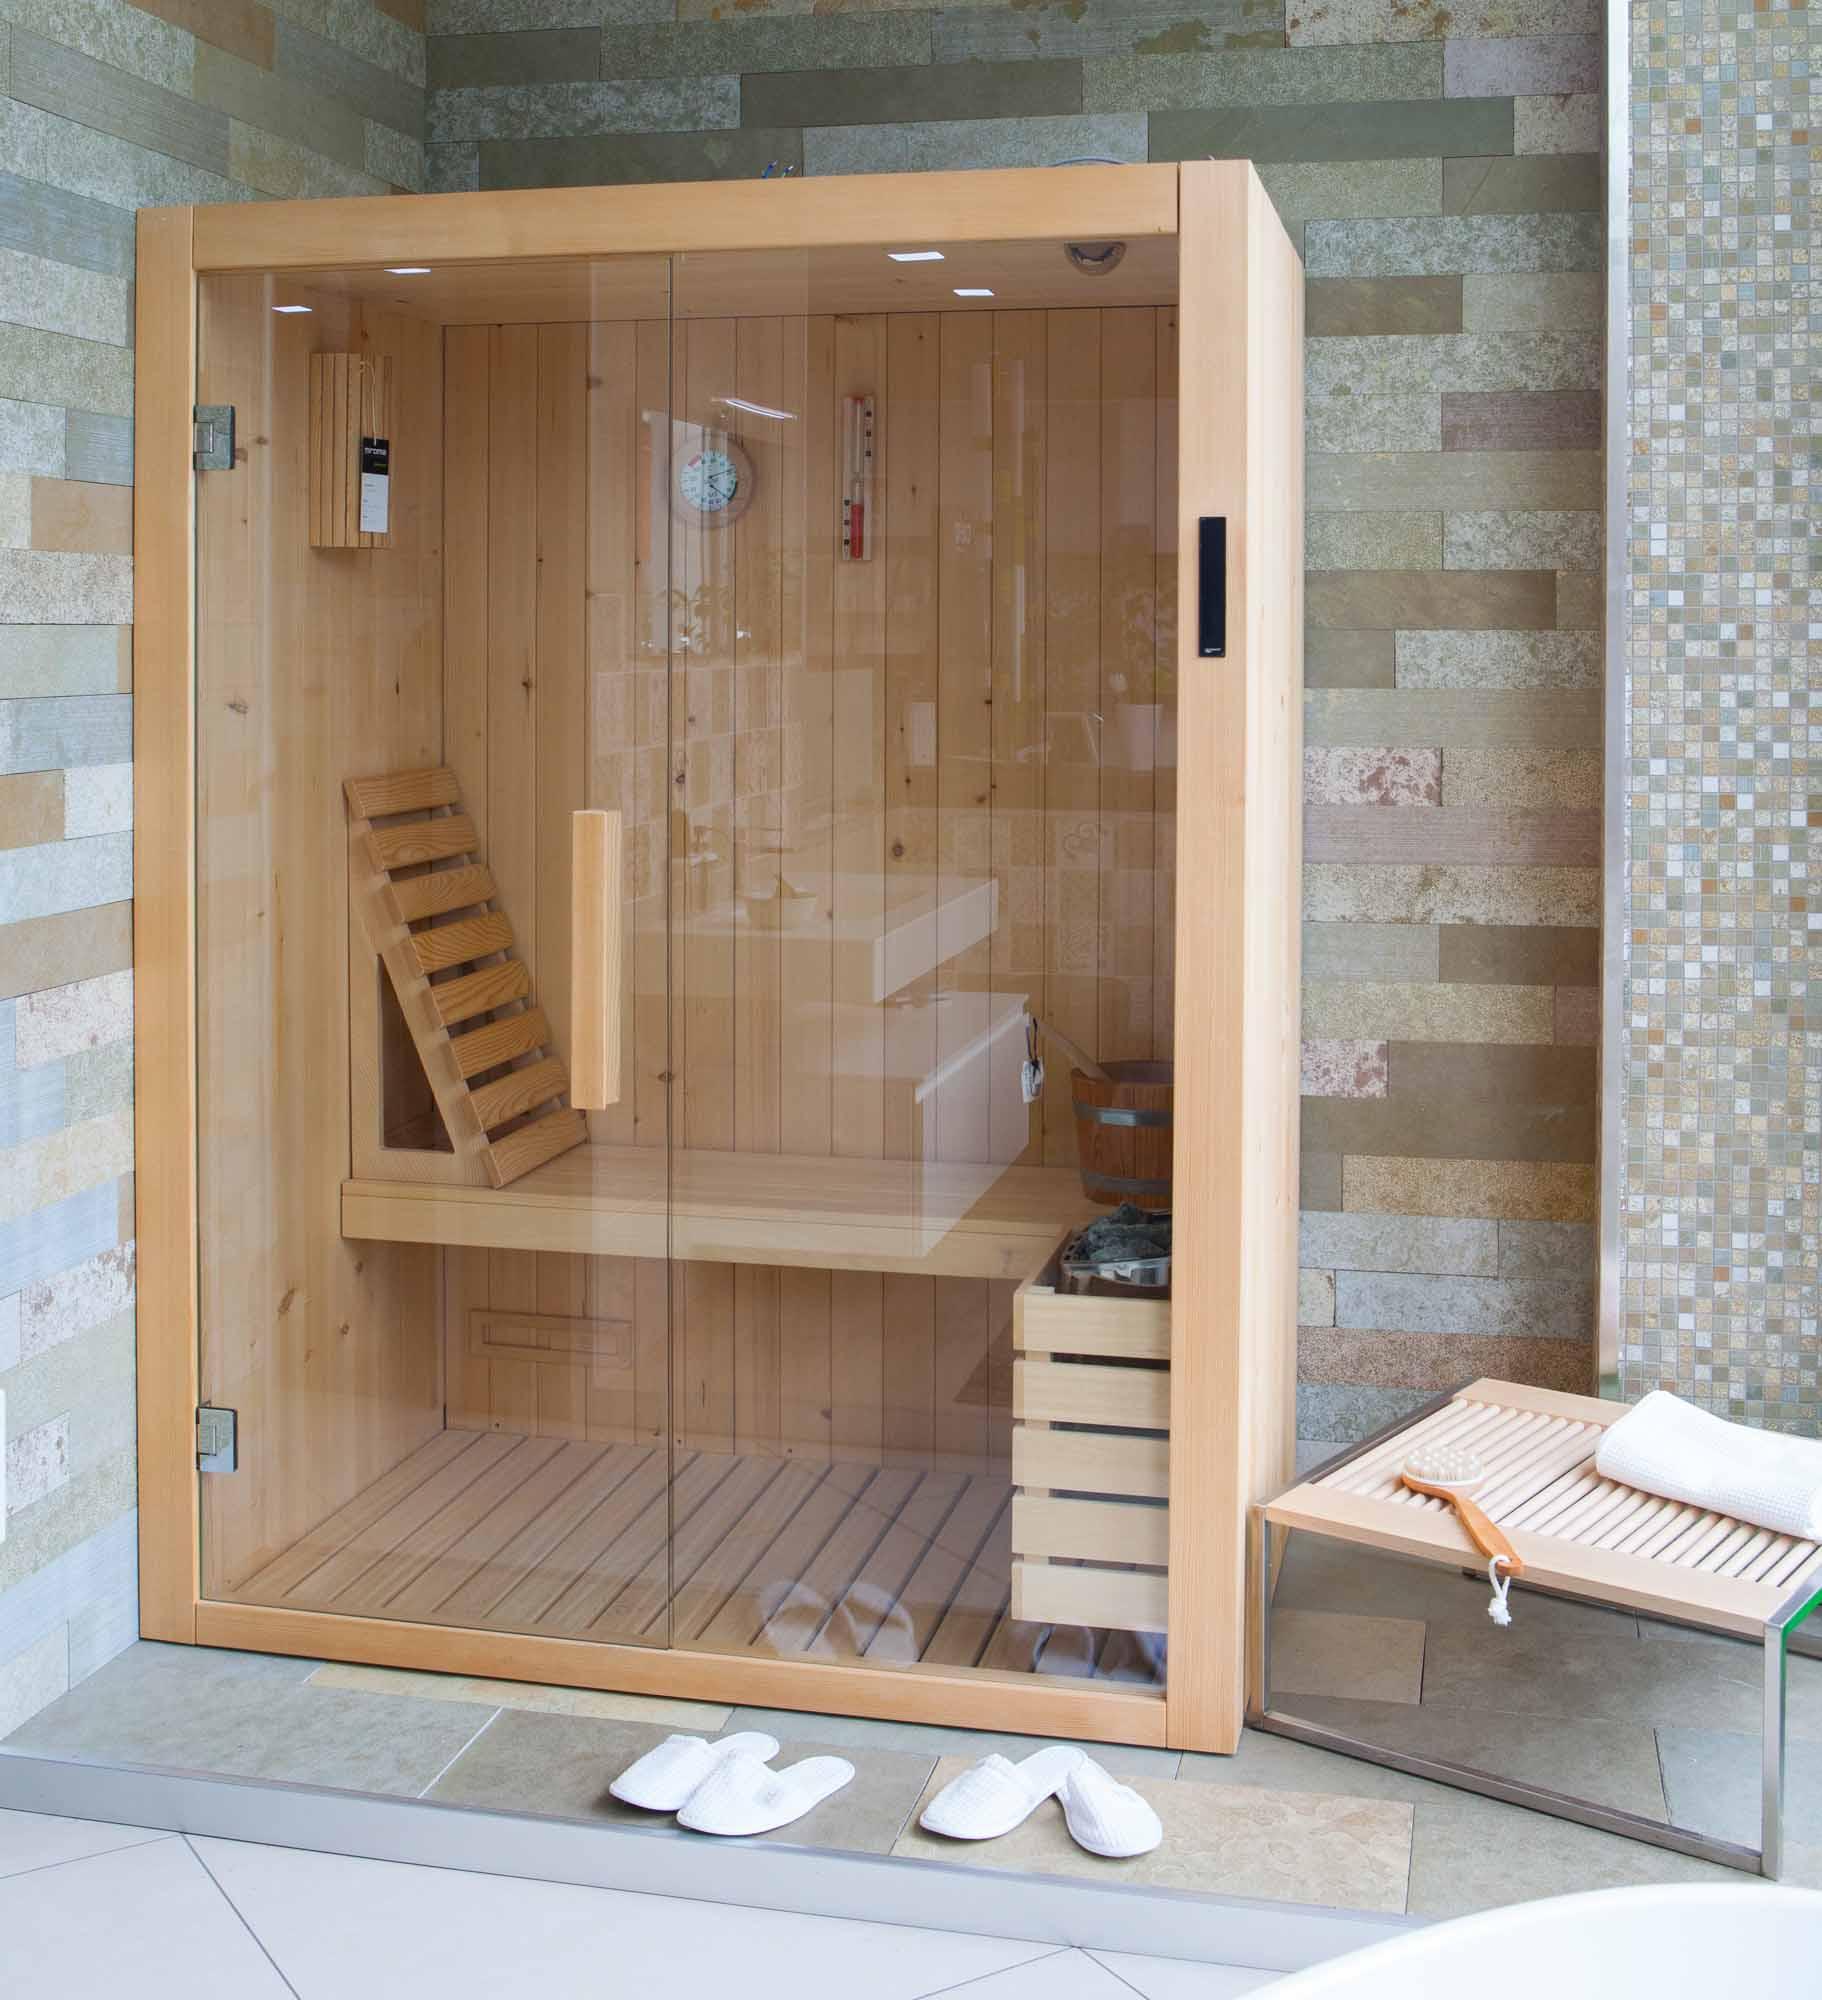 Costo sauna per casa top immagine grande prodotto with - Sauna per casa prezzi ...